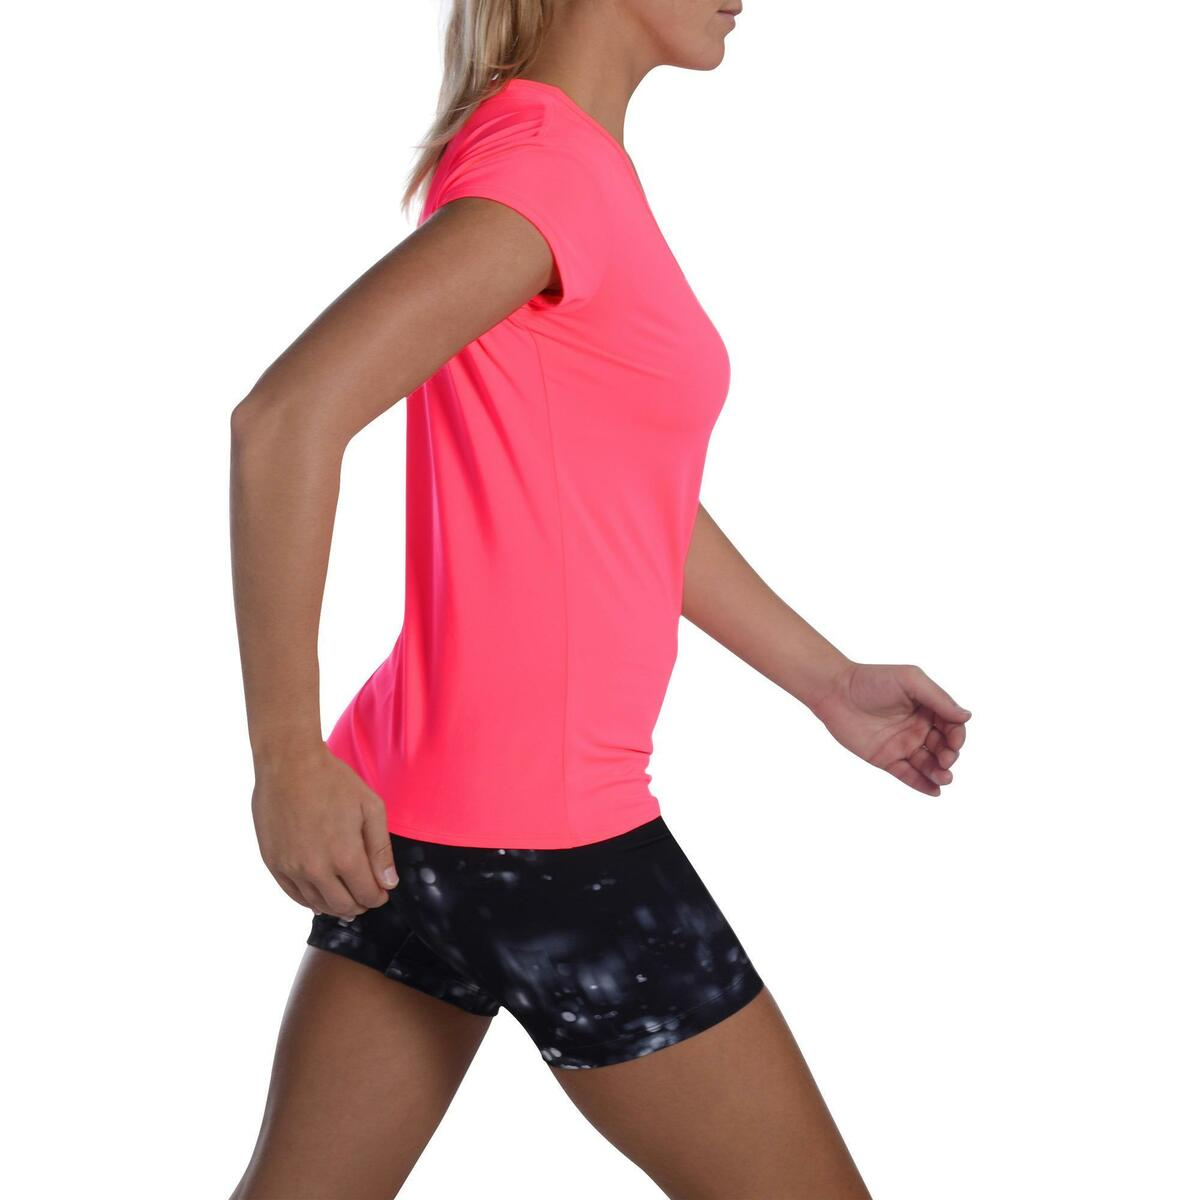 Bild 3 von T-Shirt FTS 100 Fitness Cardio Damen neonrosa